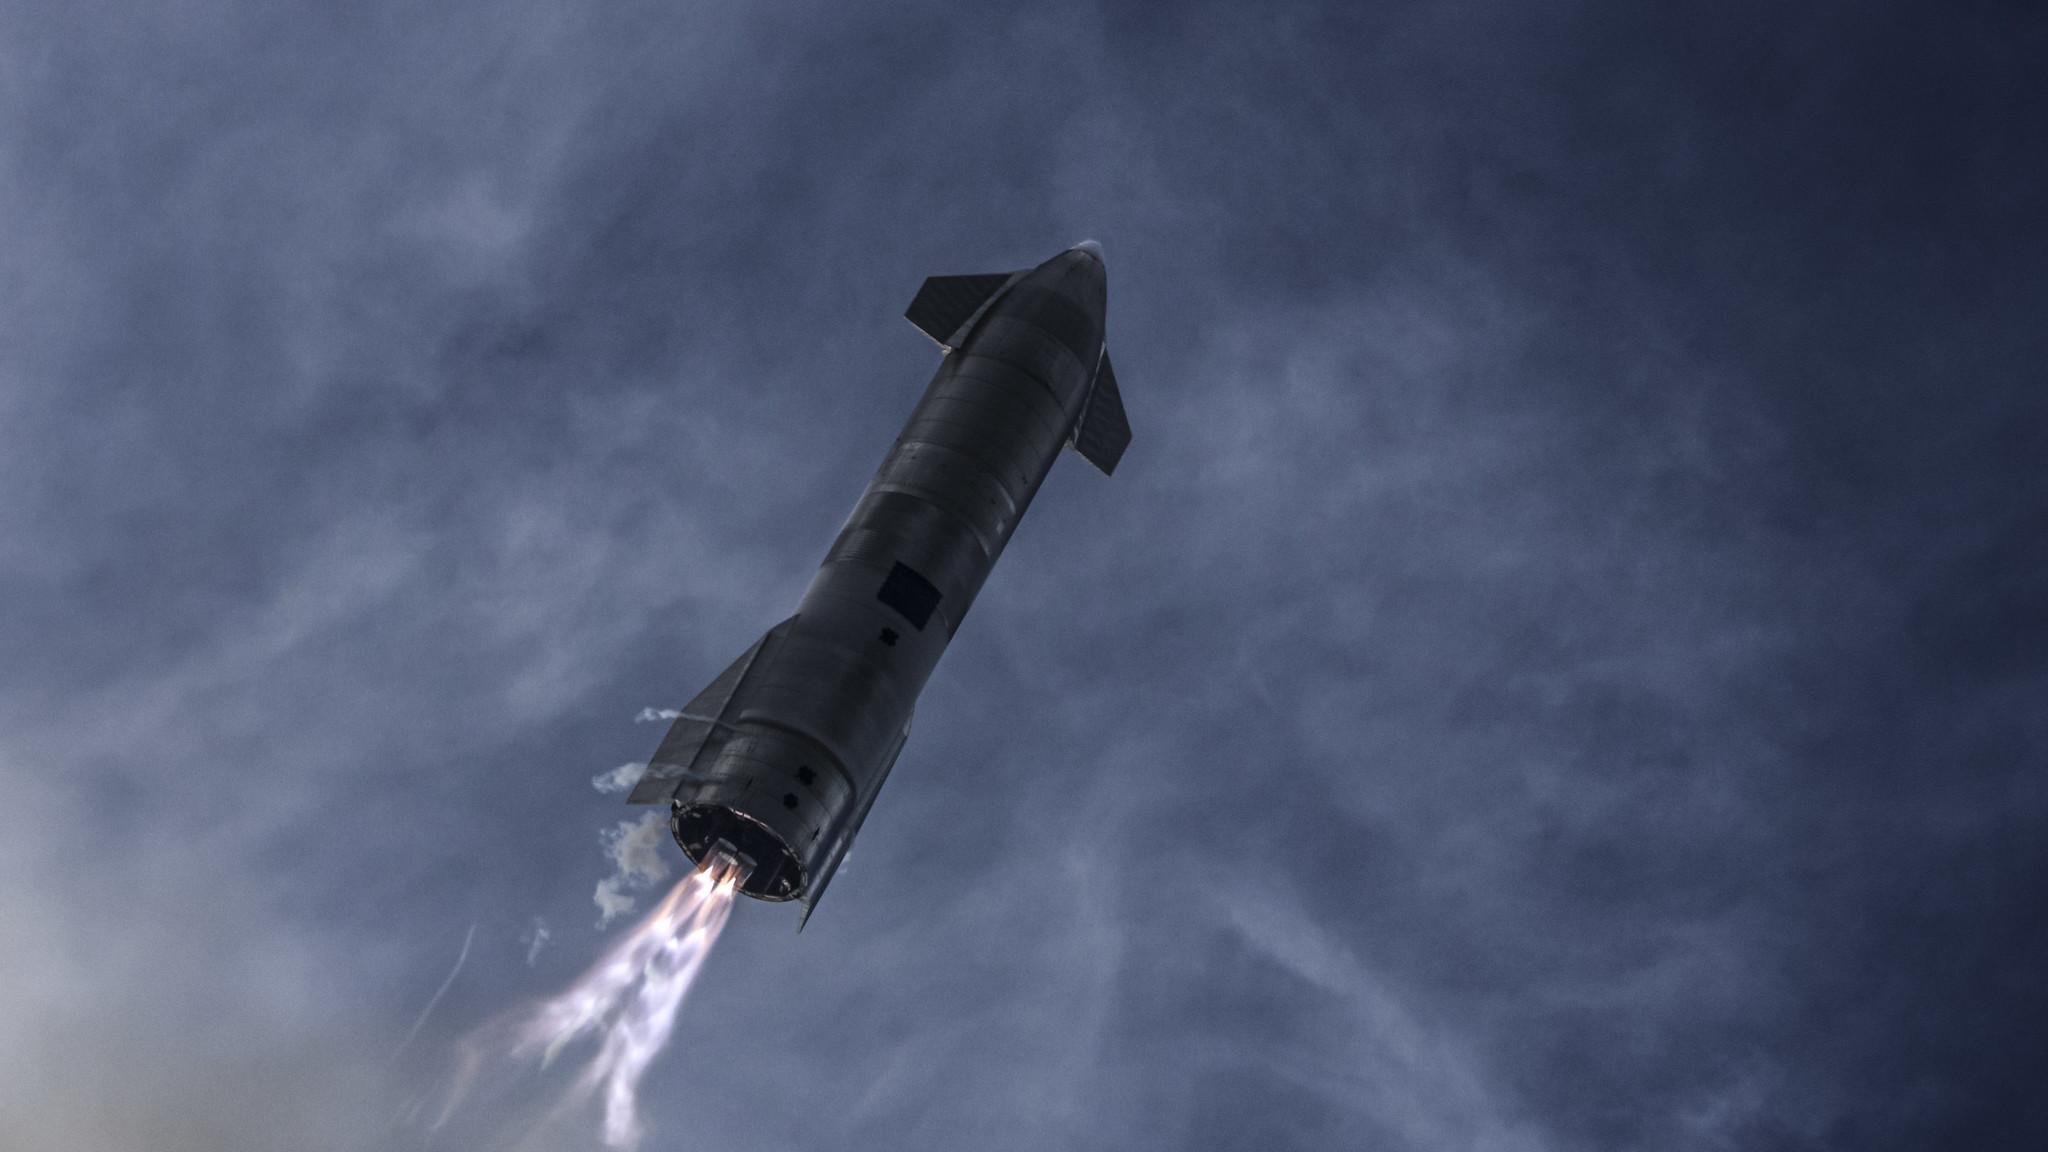 Imaginea 1: Prototipul SN10, cu câteva secunde înainte de revenirea la sol, după al treilea zbor până la altitudinea de 10 km din cadrul programului Starship al companiei SpaceX. SN10 a explodat la scurt timp după ce acesta aterizase aparent în siguranță la sol. Sursa foto: SpaceX